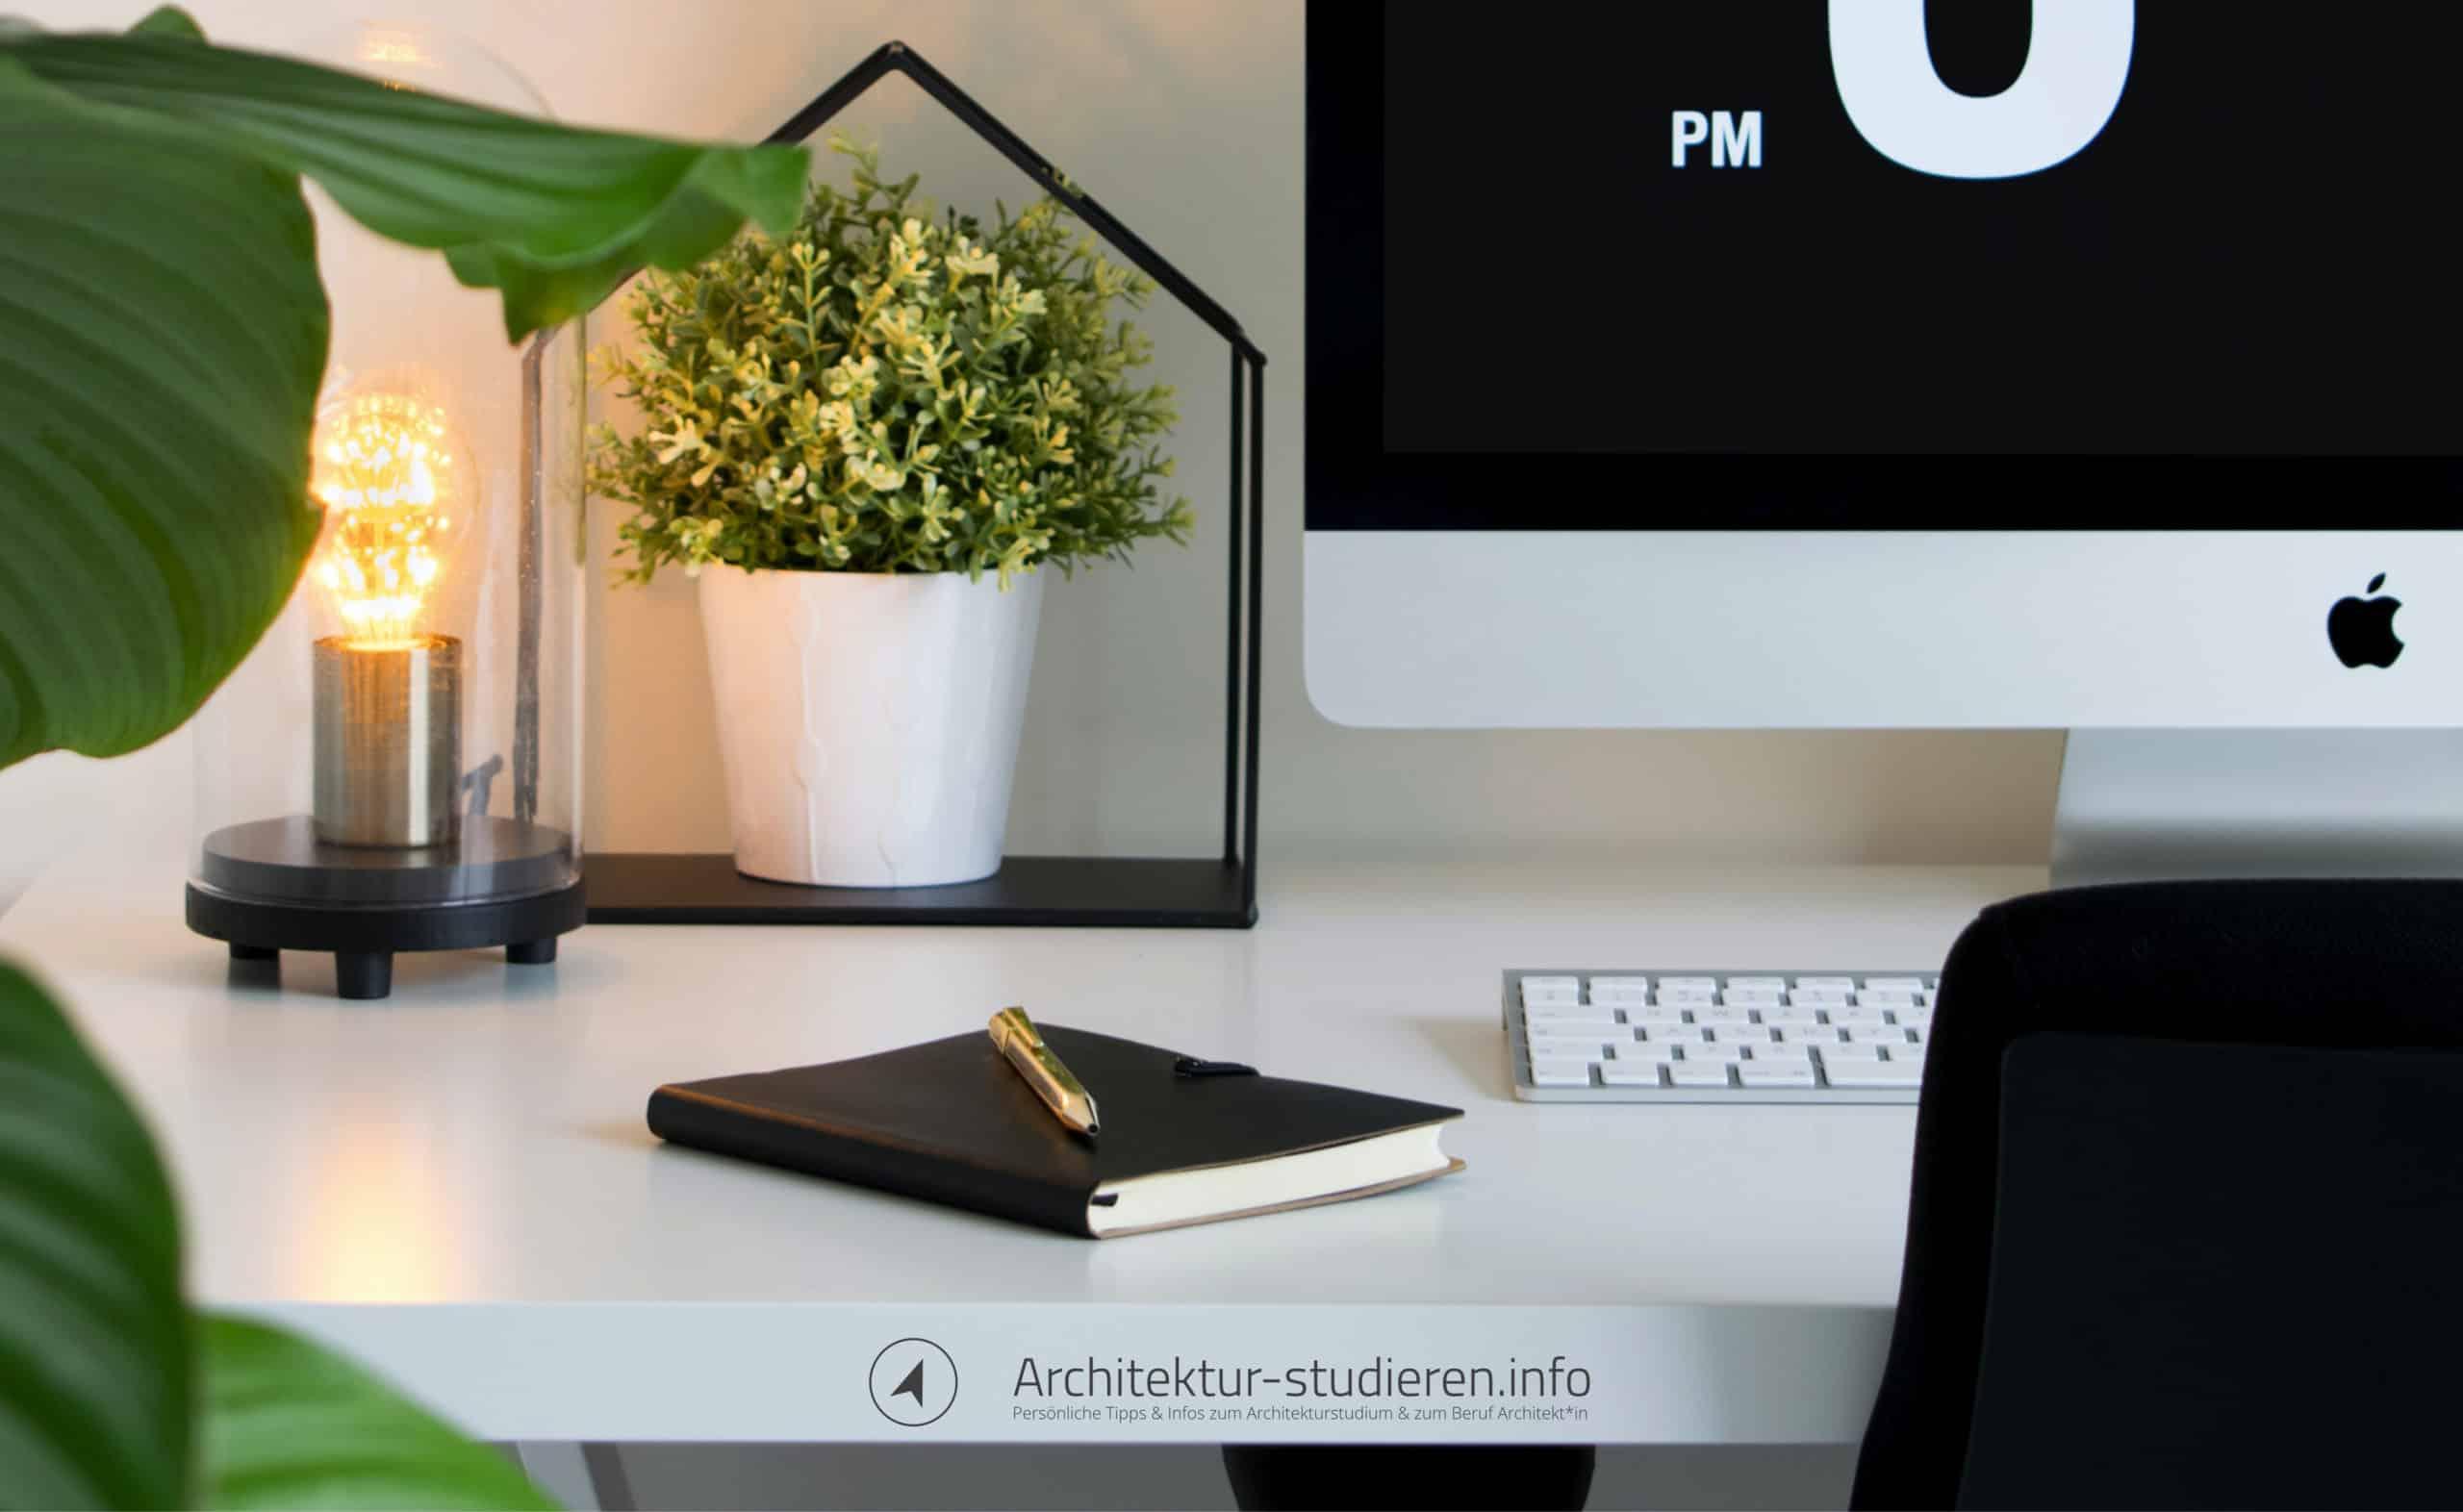 Architektur studieren im Home-Office: Einrichtung deines komfortablen Arbeitsplatzes | Anett Ring, Architektur-studieren.info